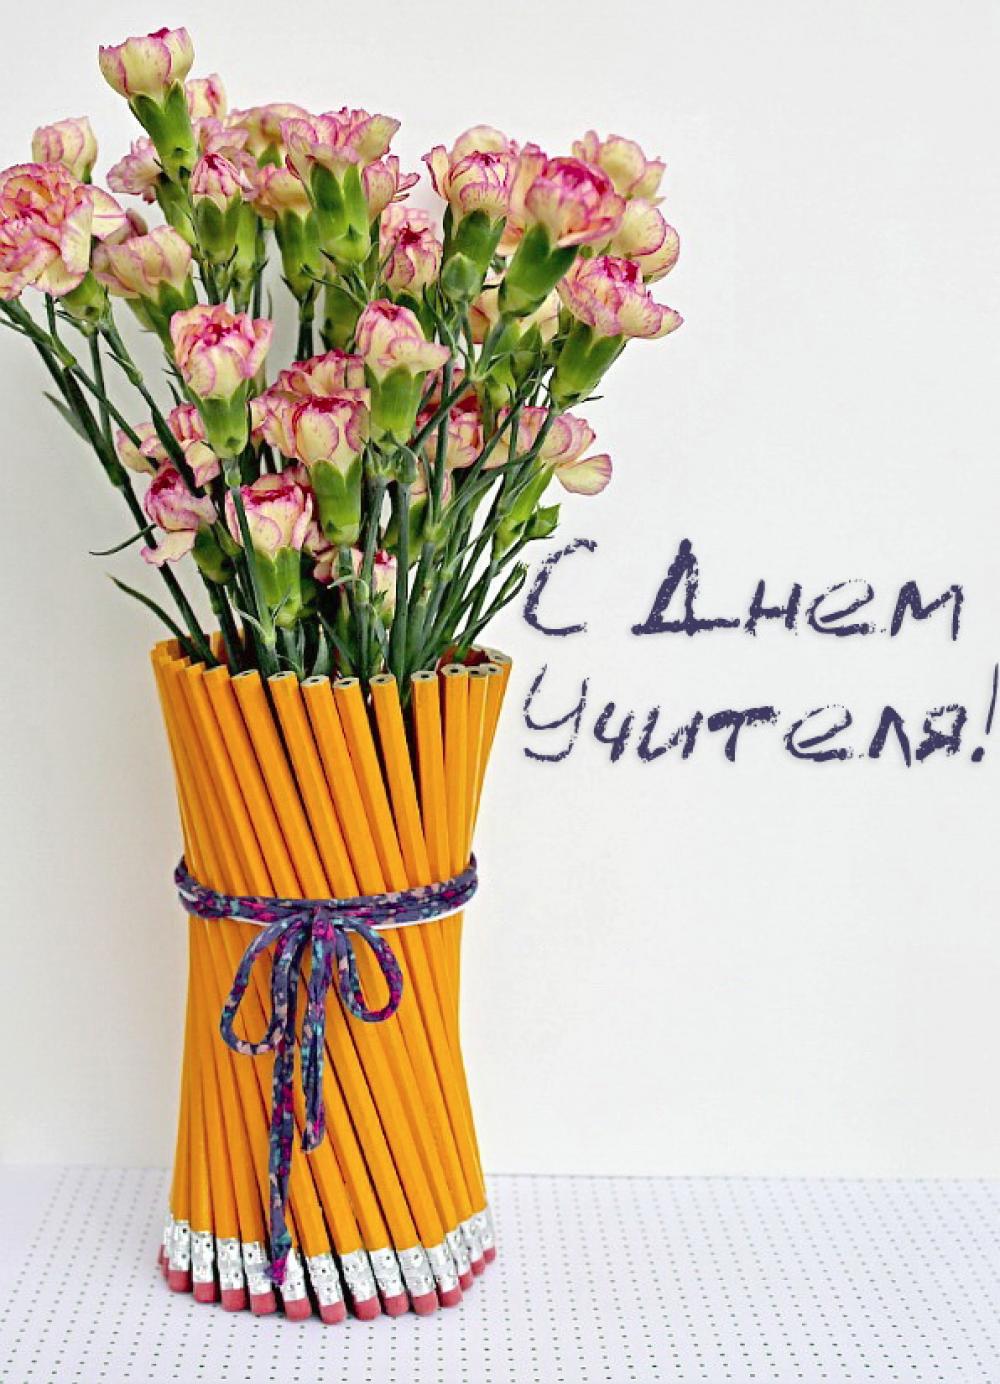 Не обязательно покупать дорогие цветы, можно просто сделать оригинальную упаковку